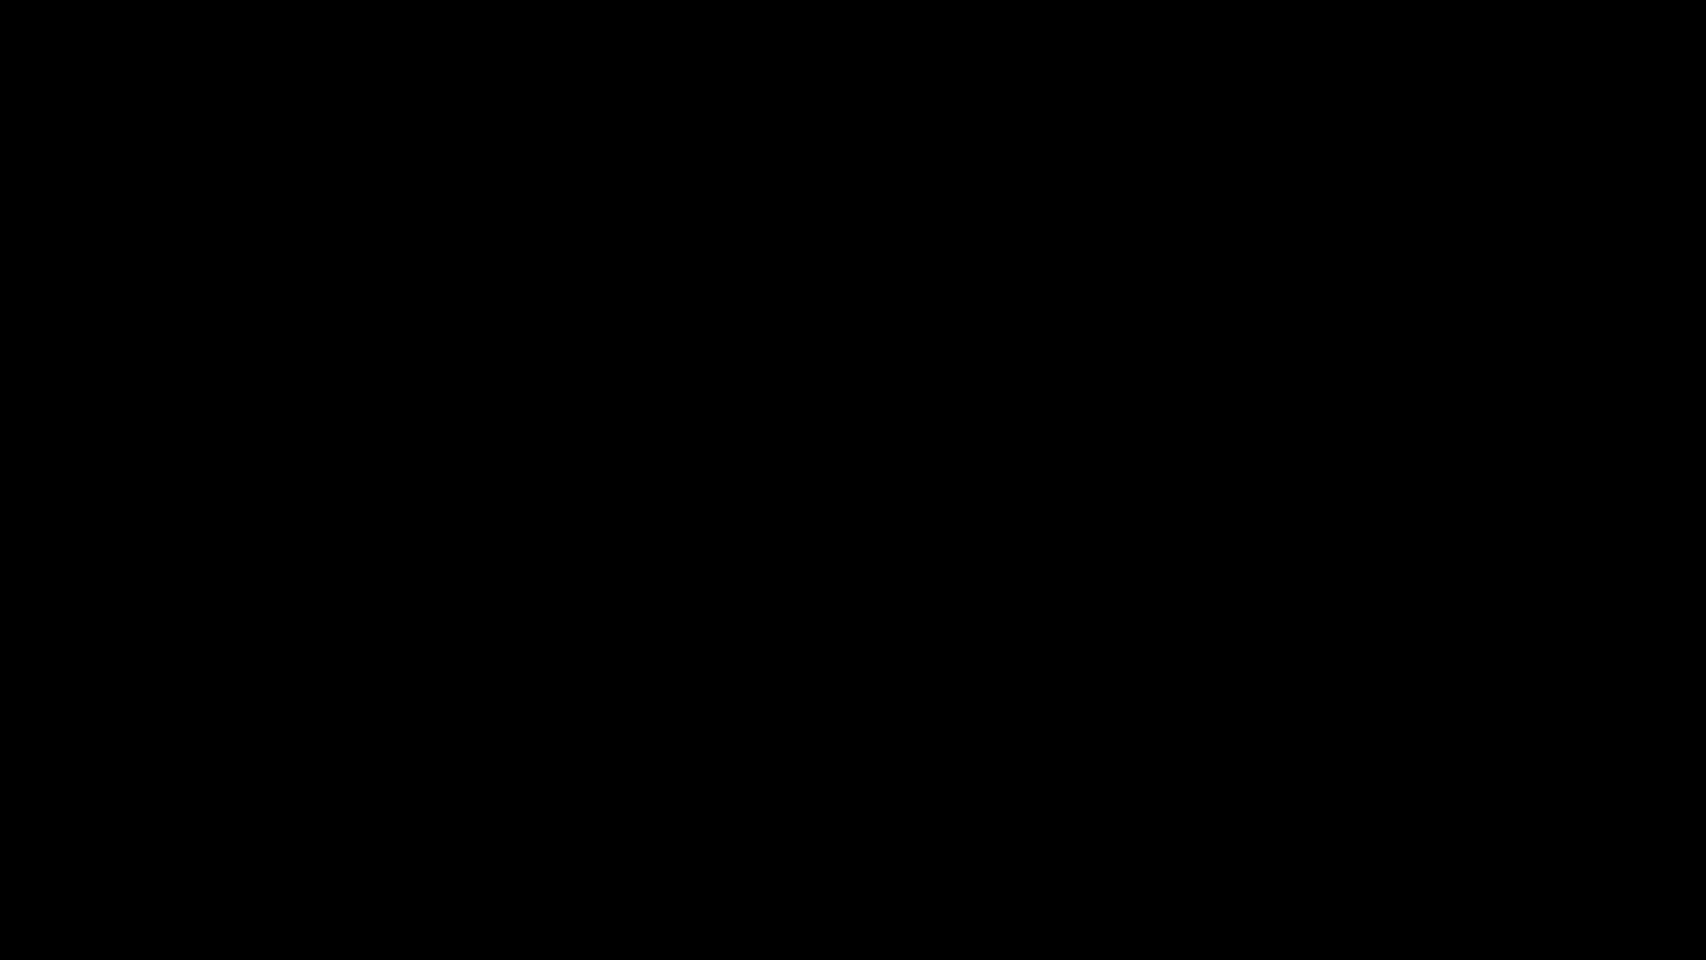 17859_05.jpg